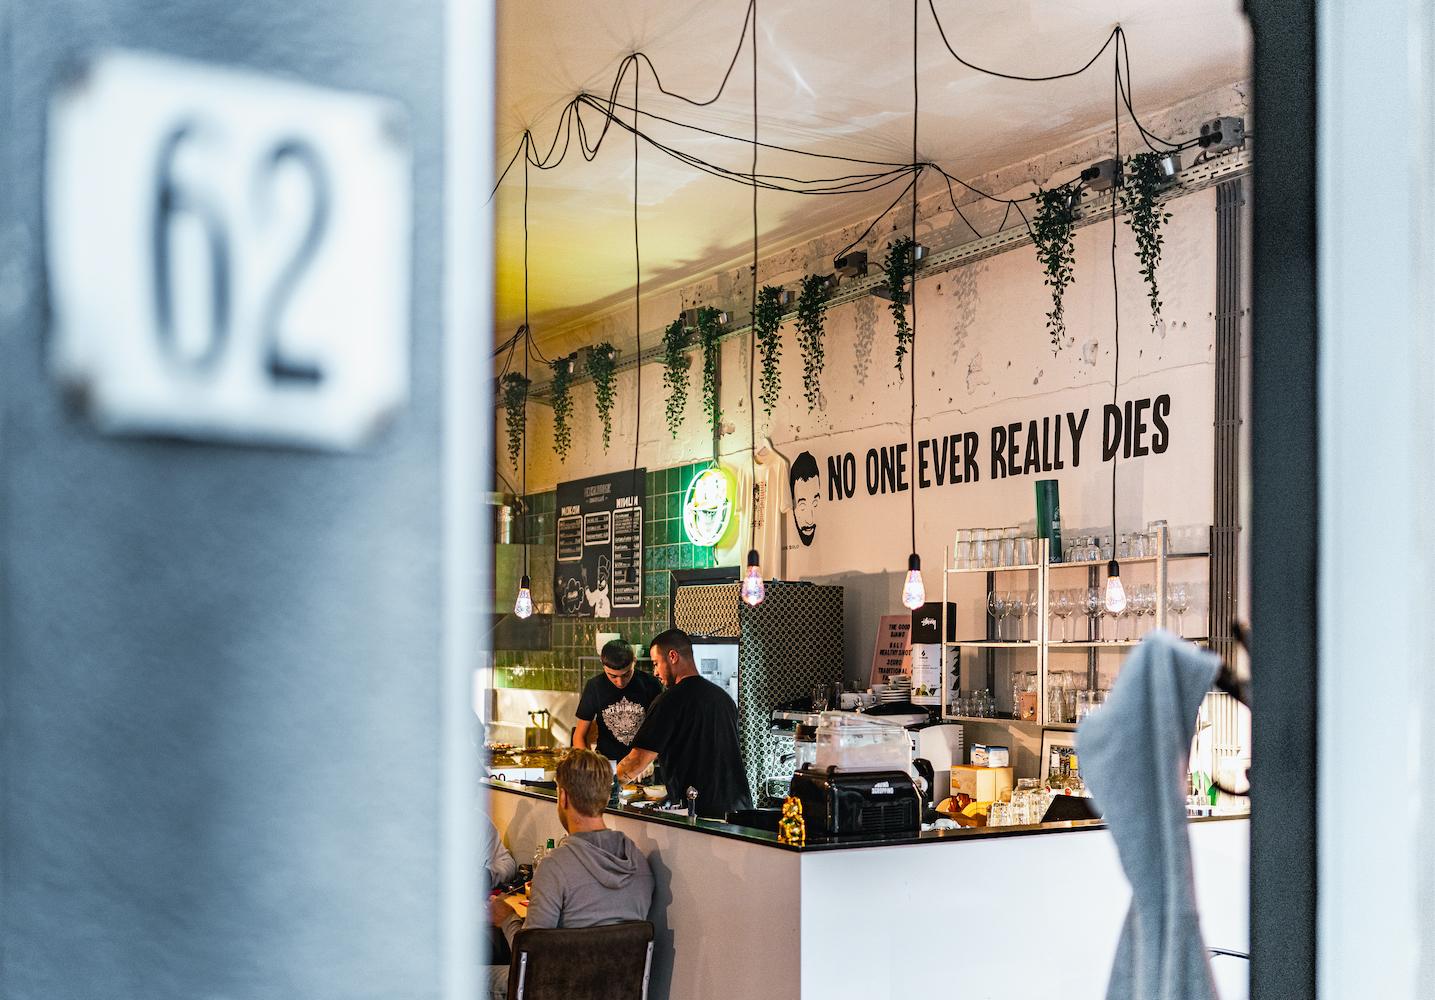 Trek in lekker Indonesisch eten? Dan is het Balihuisje in Den Haag een super leuke hotspot voor jou!